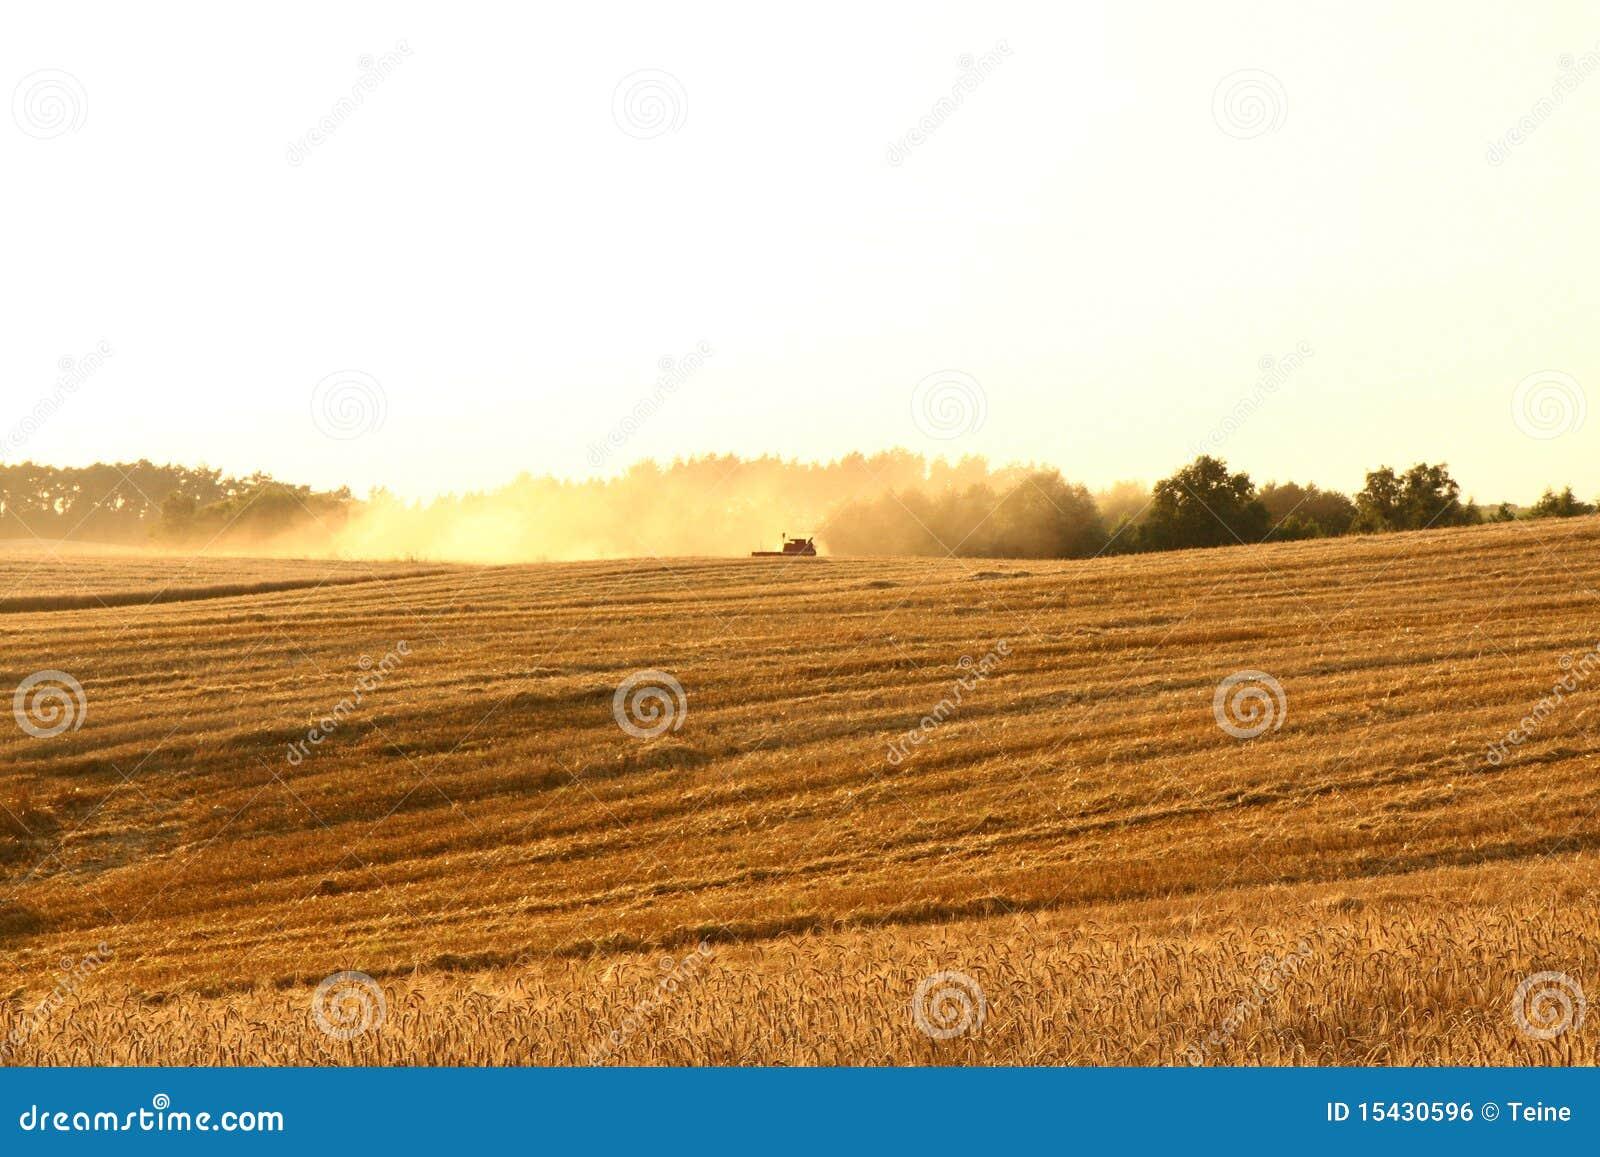 Combine on a field of rye